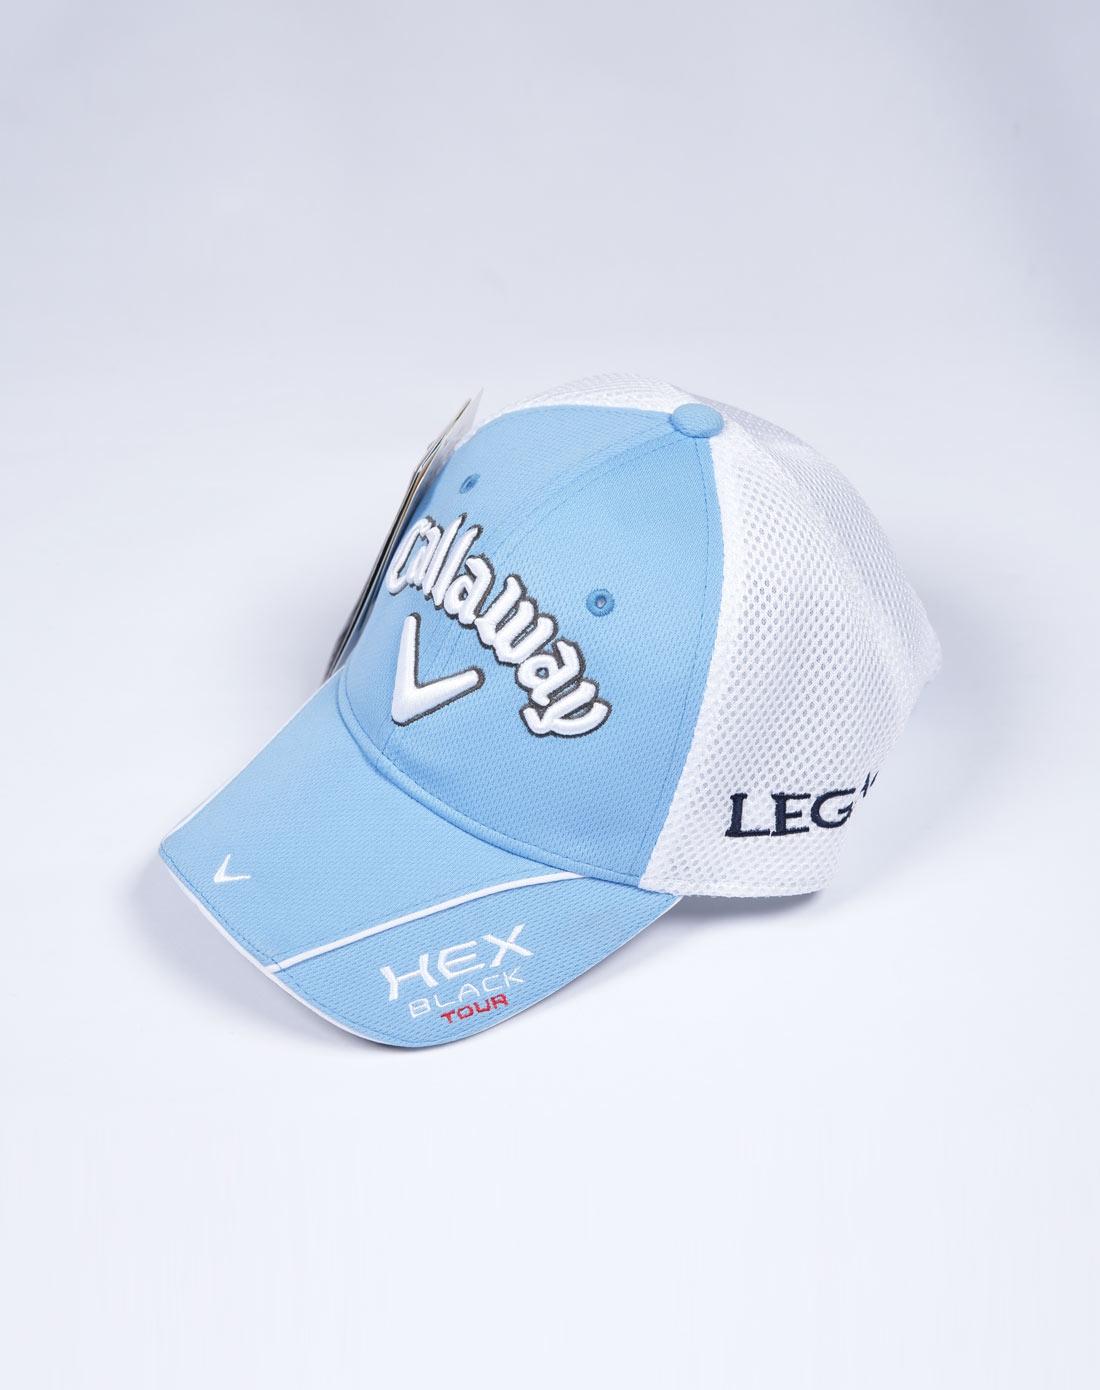 callaway男女男士蓝色帽子242mlg984607110